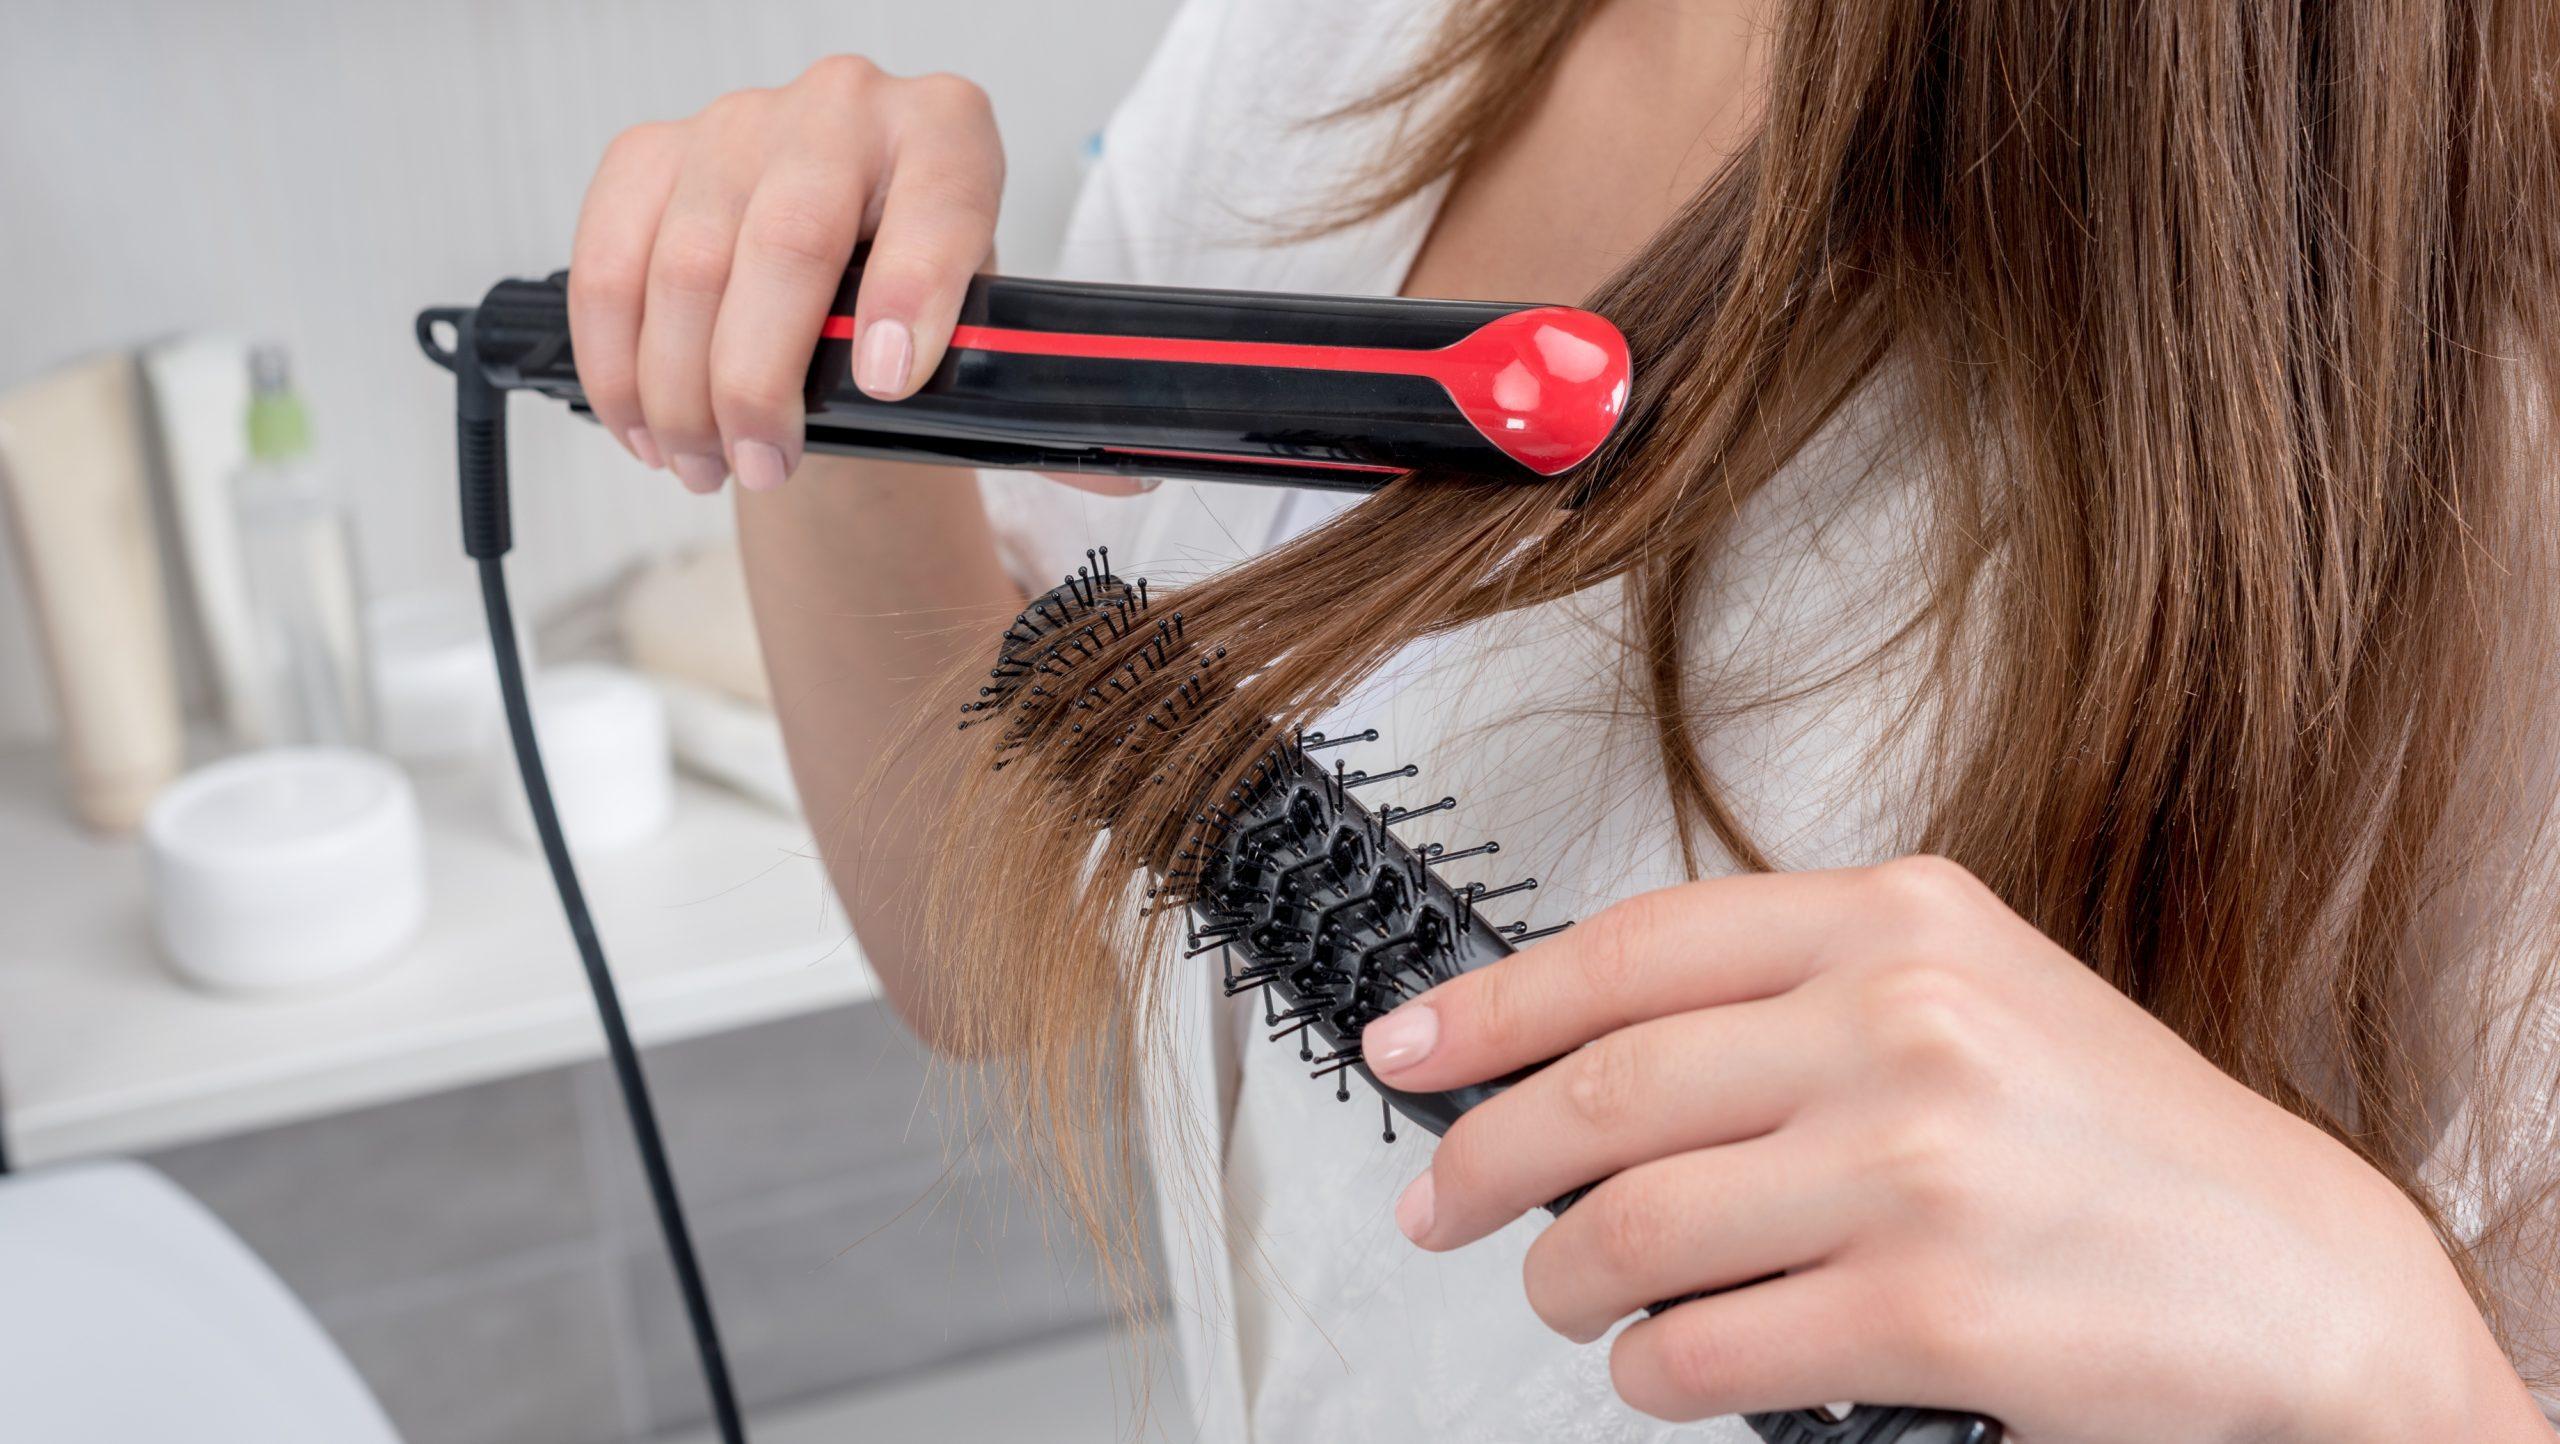 Mujer secando se el cabello con cepillo ionico